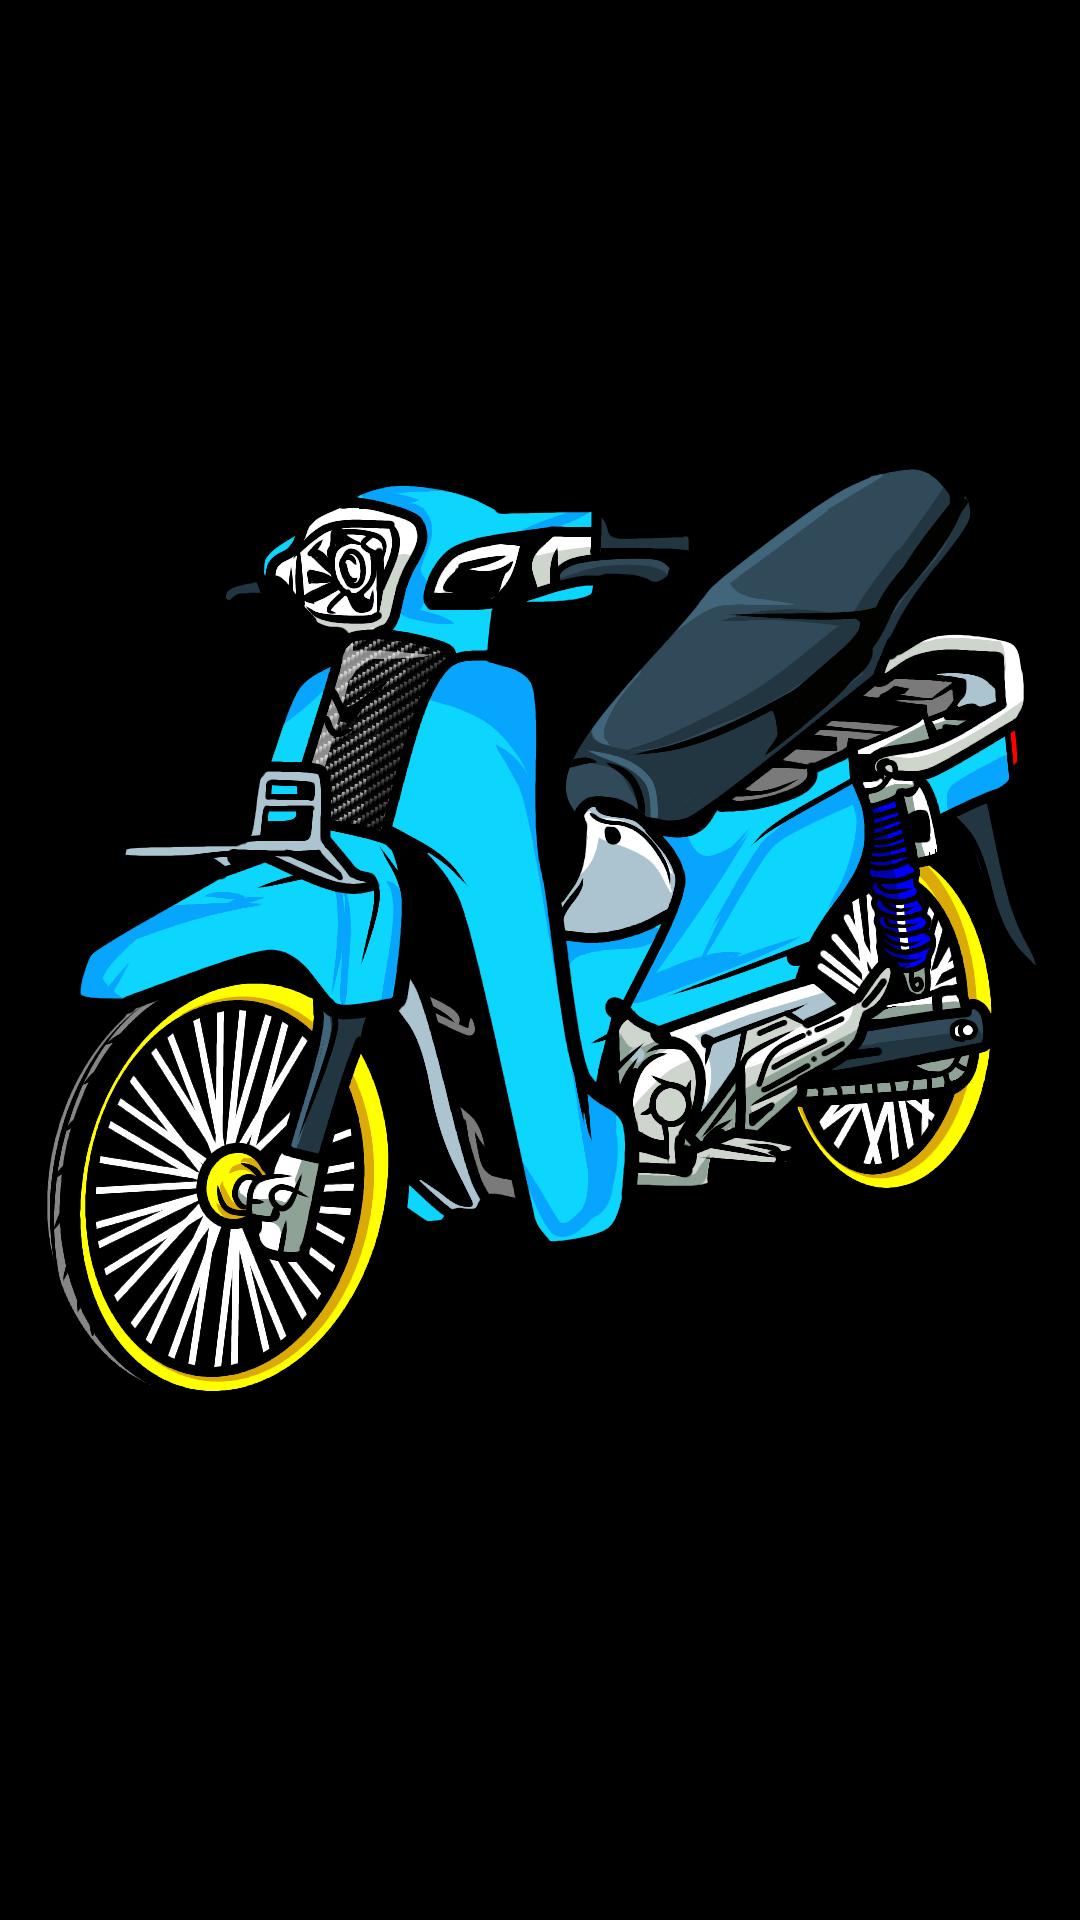 Pin oleh Chon SandKing di Logo desing di 2020 Desain